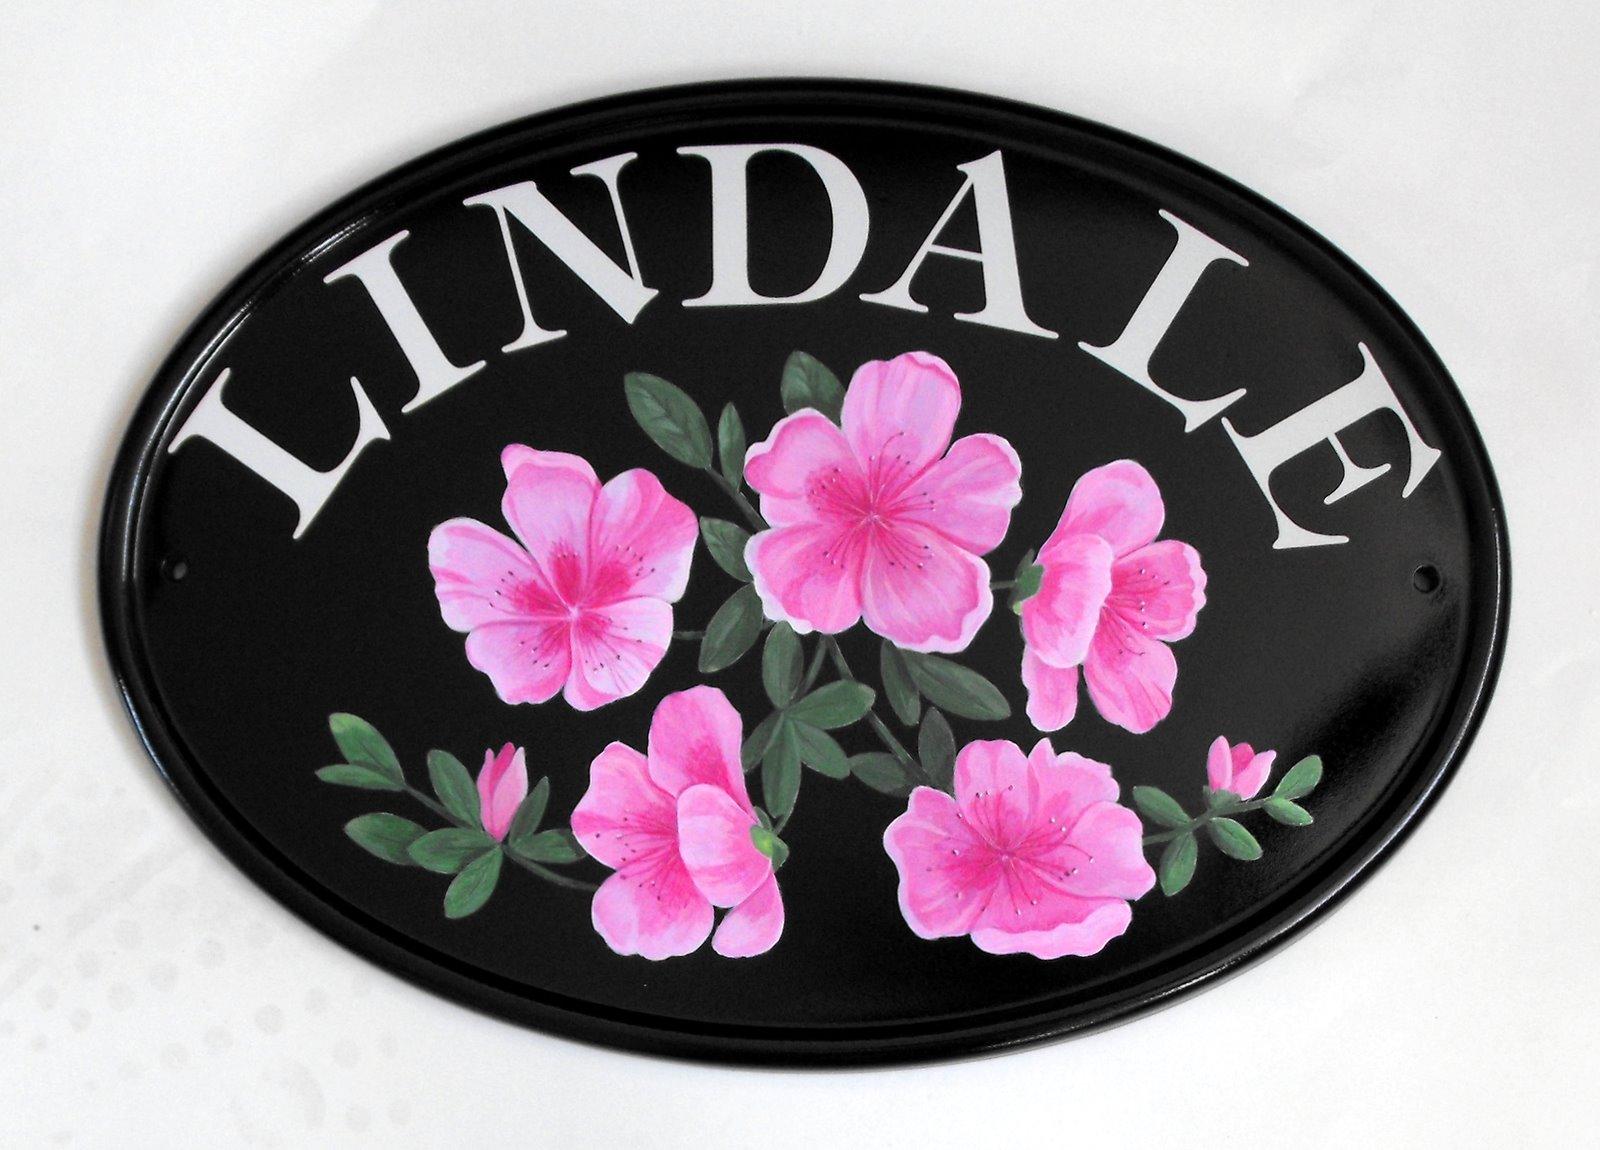 http://2.bp.blogspot.com/_vx6dKSu8bTE/THLwsIw9ByI/AAAAAAAAEGQ/rWhaoHLtIMM/s1600/flowers-house-plaque.JPG